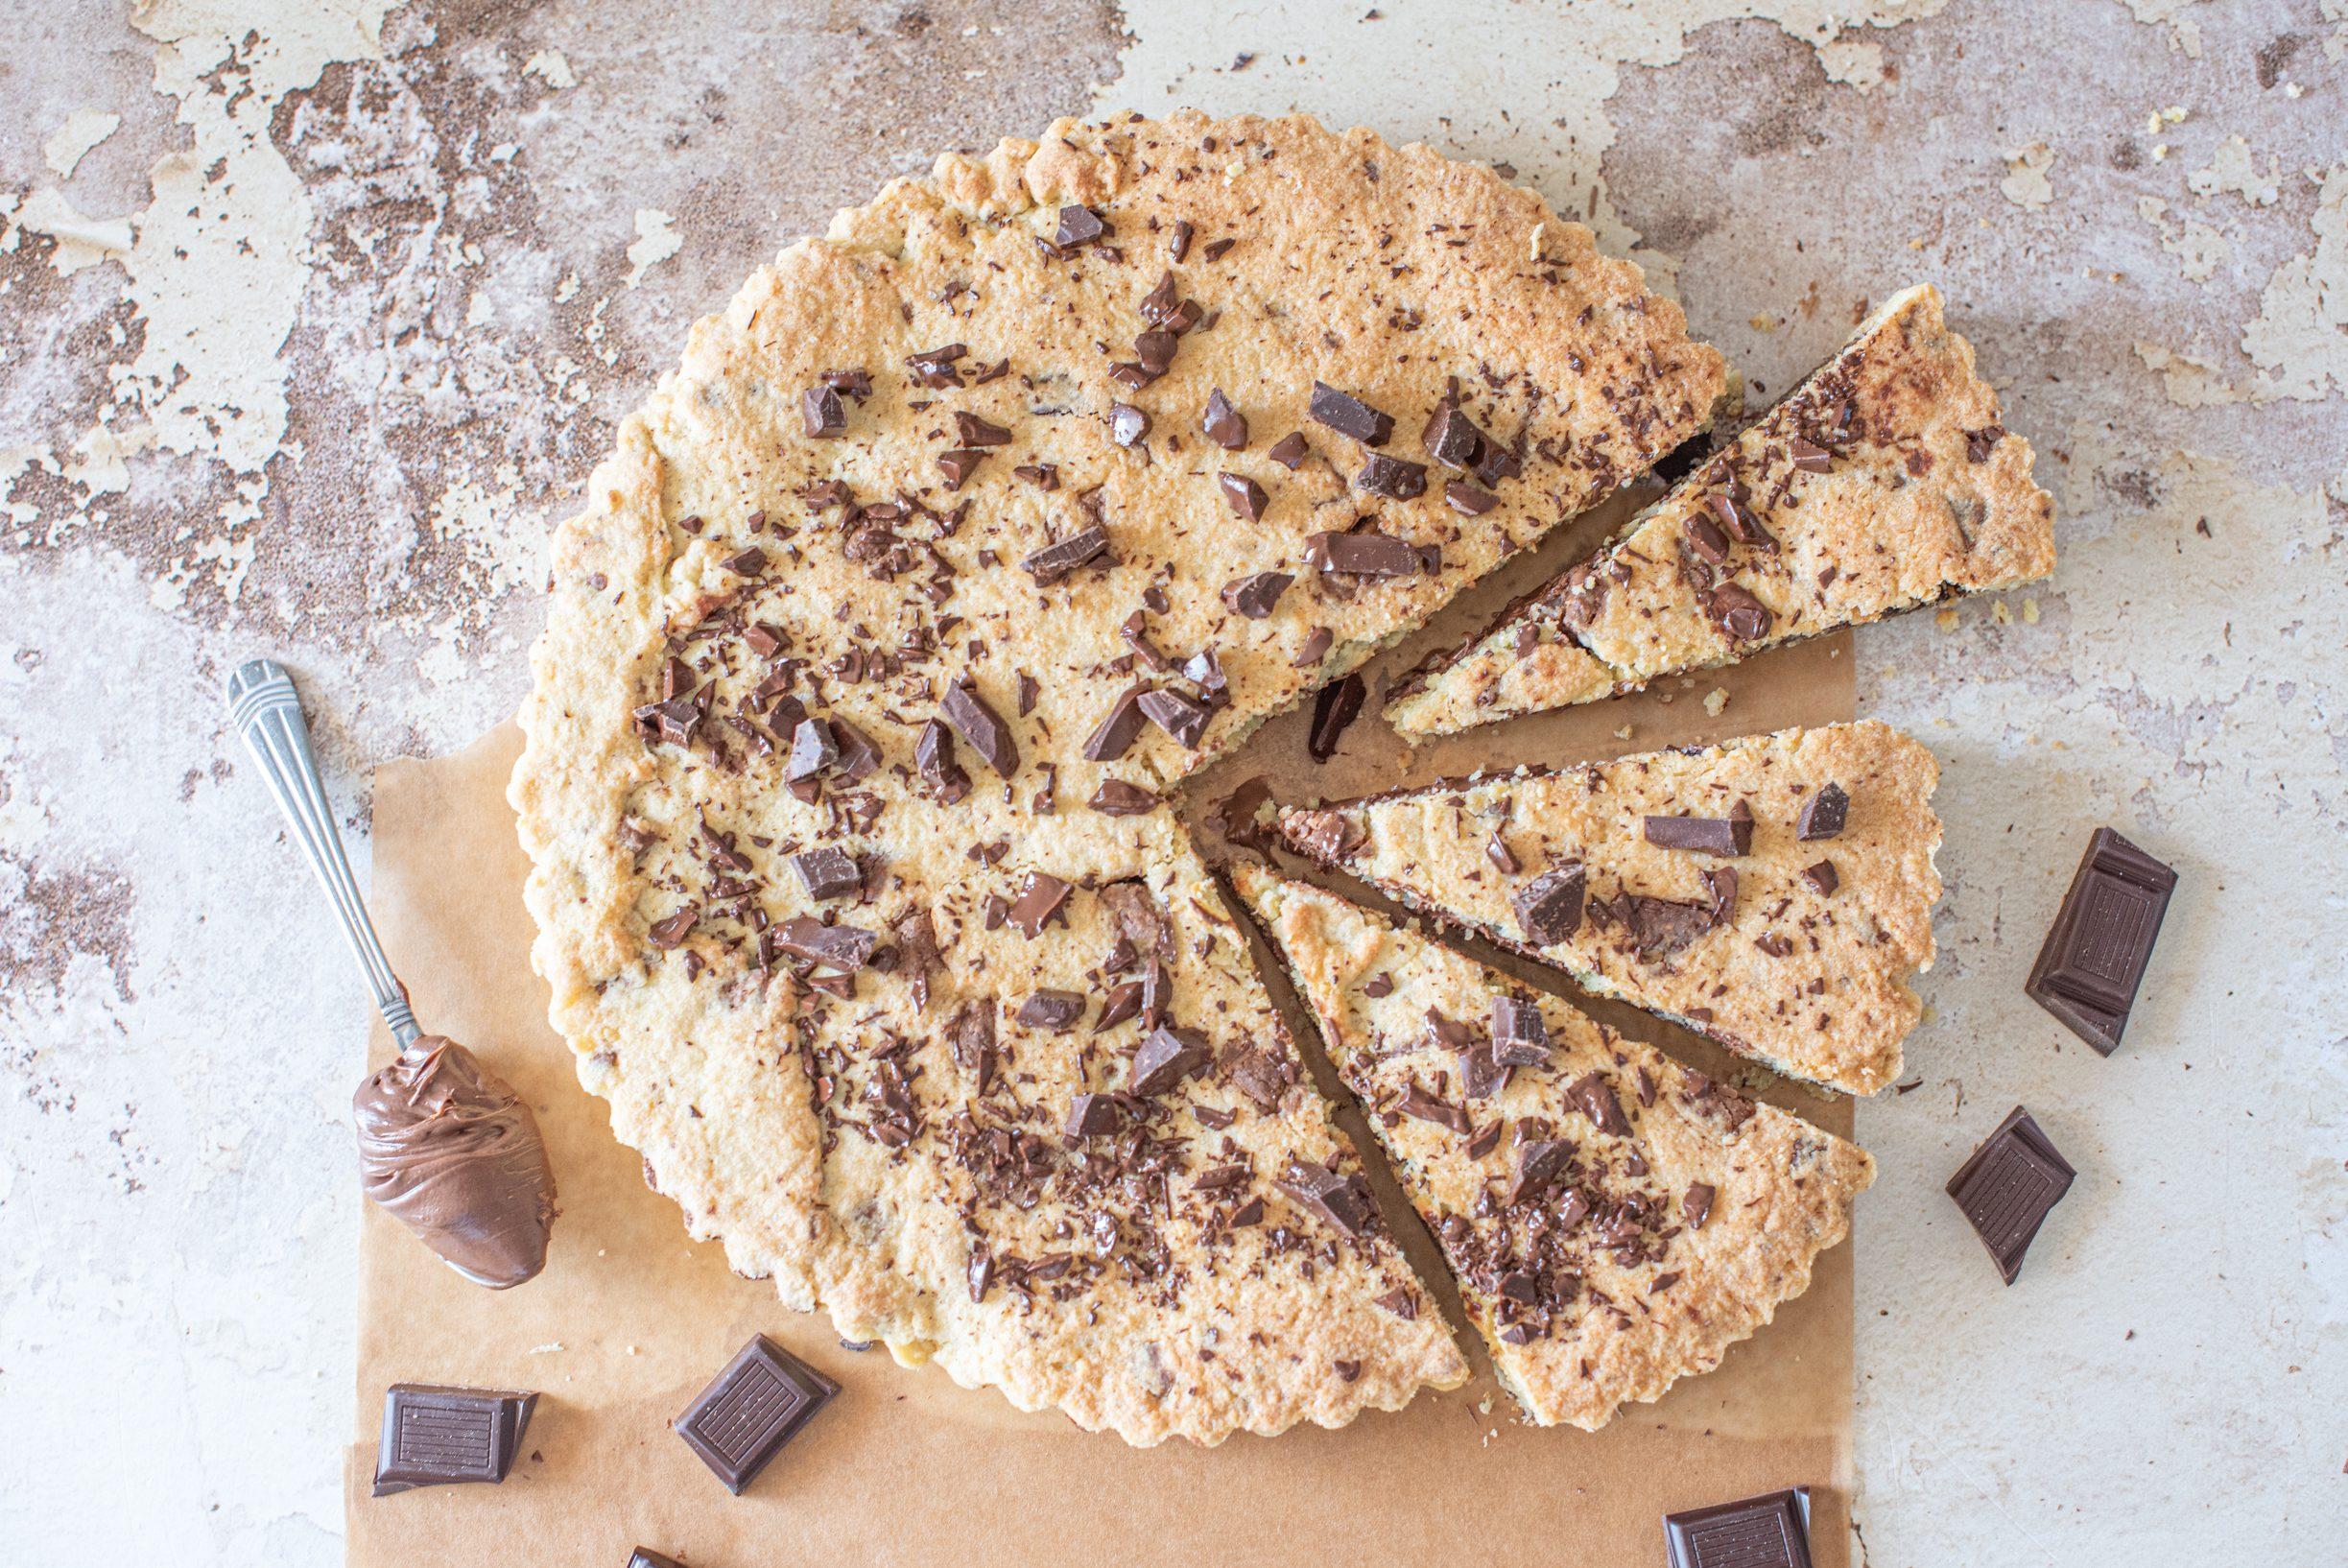 Crostata biscottata al cioccolato: la ricetta del cookie americano in versione maxi